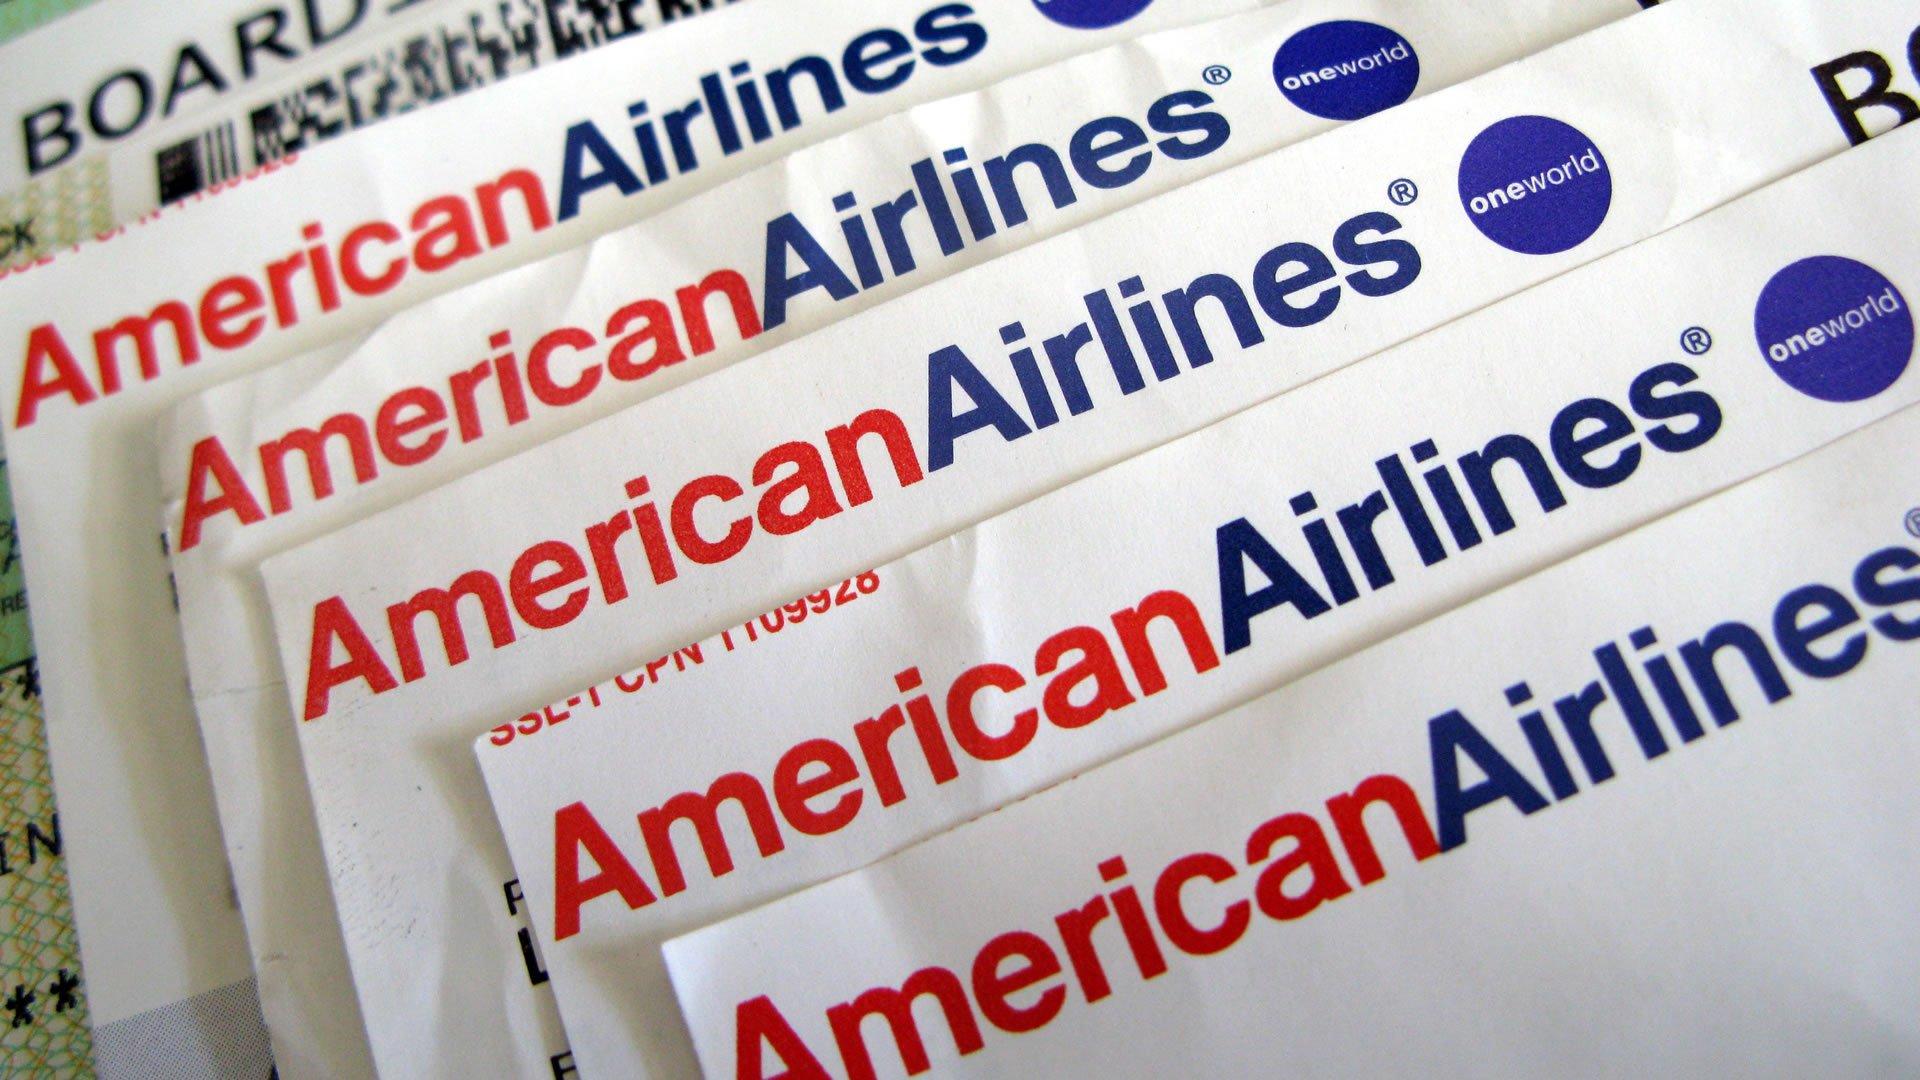 Compañía aérea American Airlines